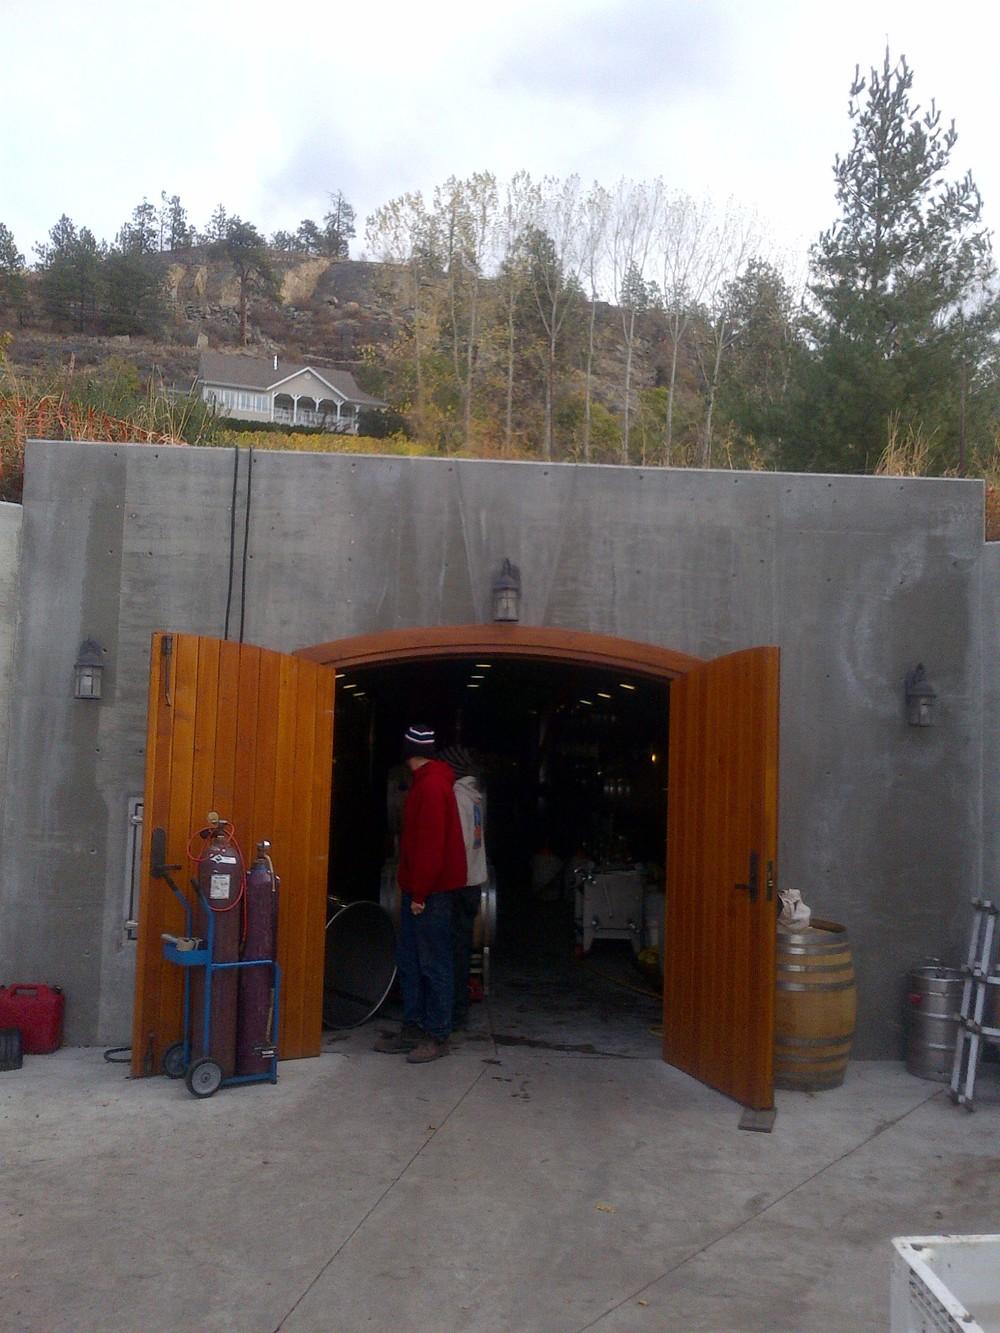 Entrance to Foxtrot's cellar dug into the Naramata Bench.